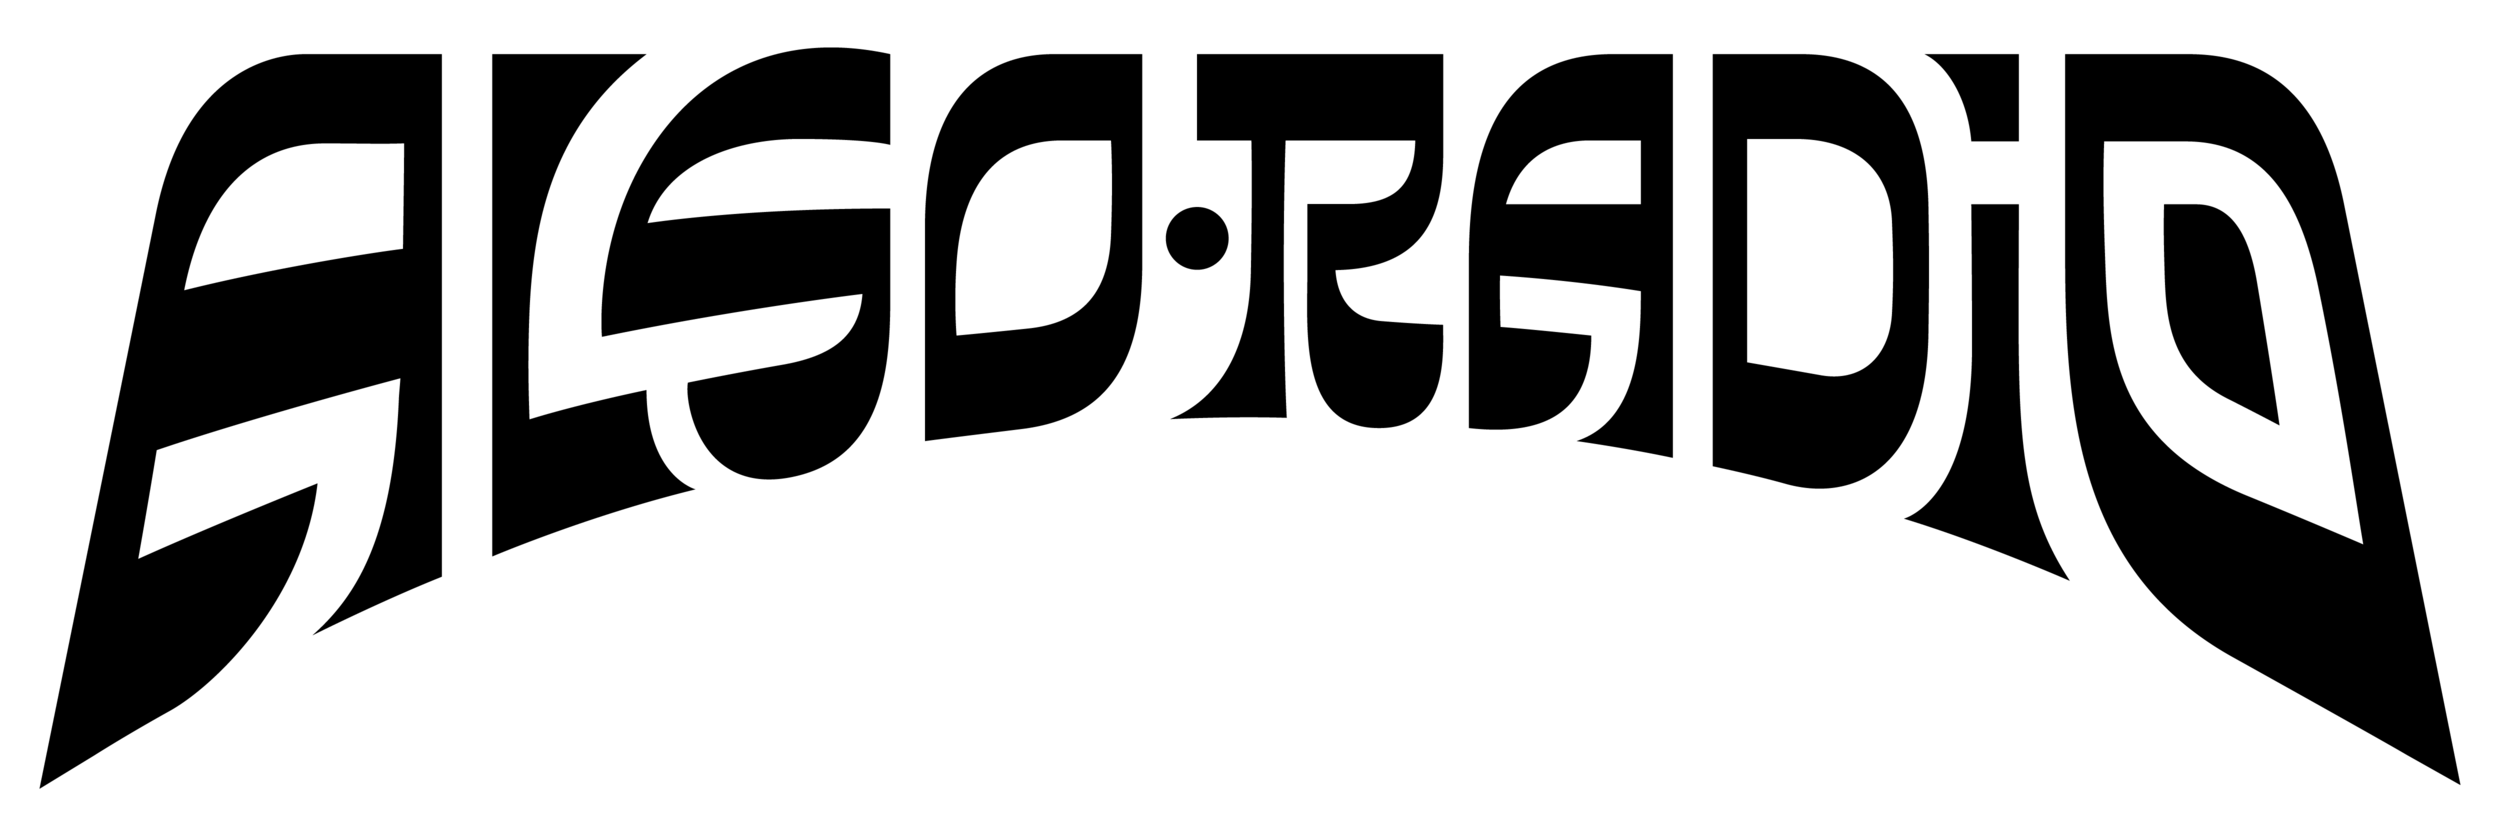 logo-02-01-01.png